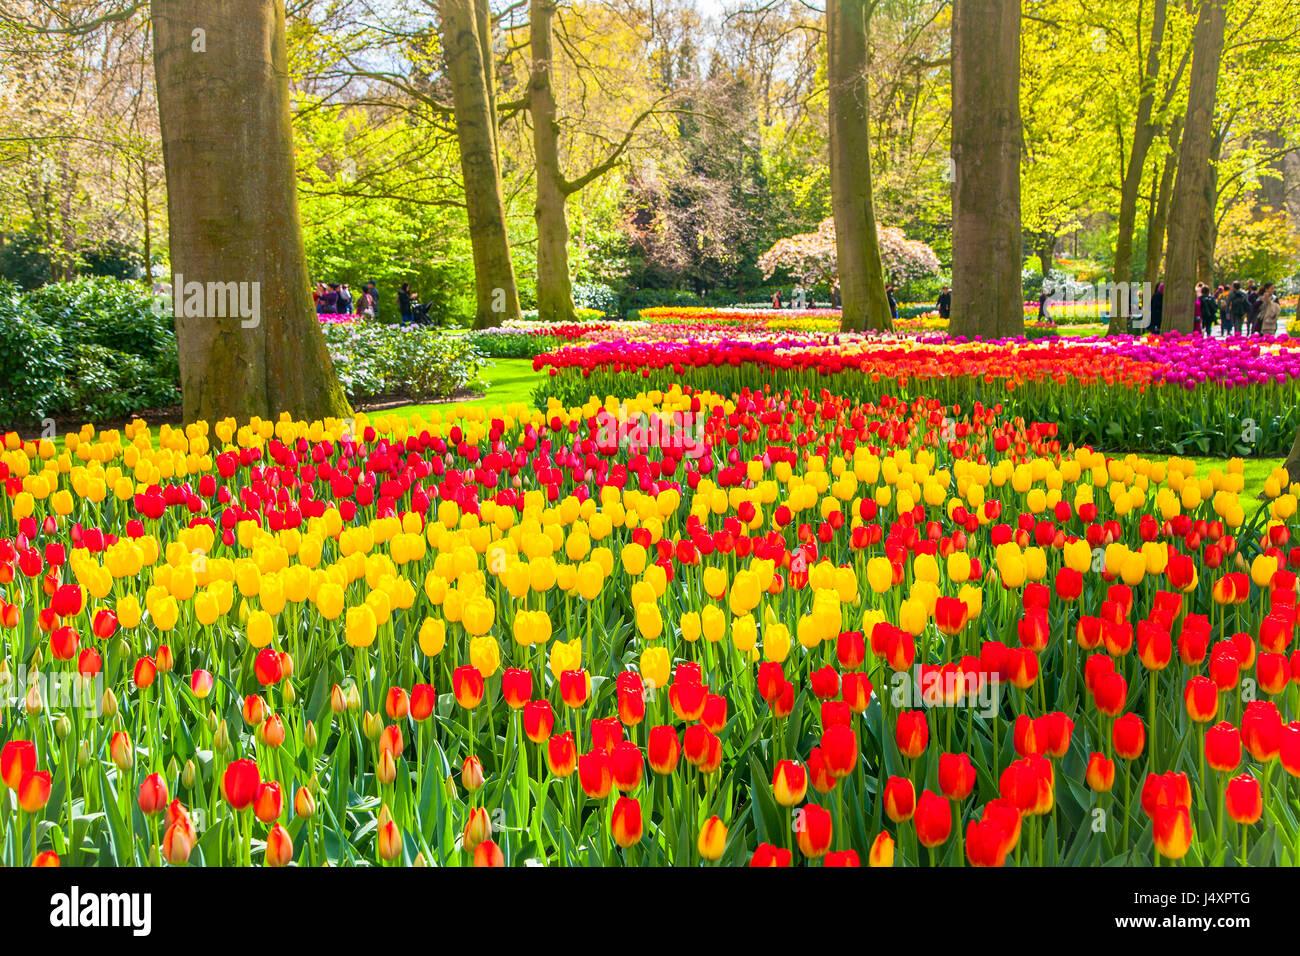 Gg primavera e giardini in fiore in italia giovani genitori